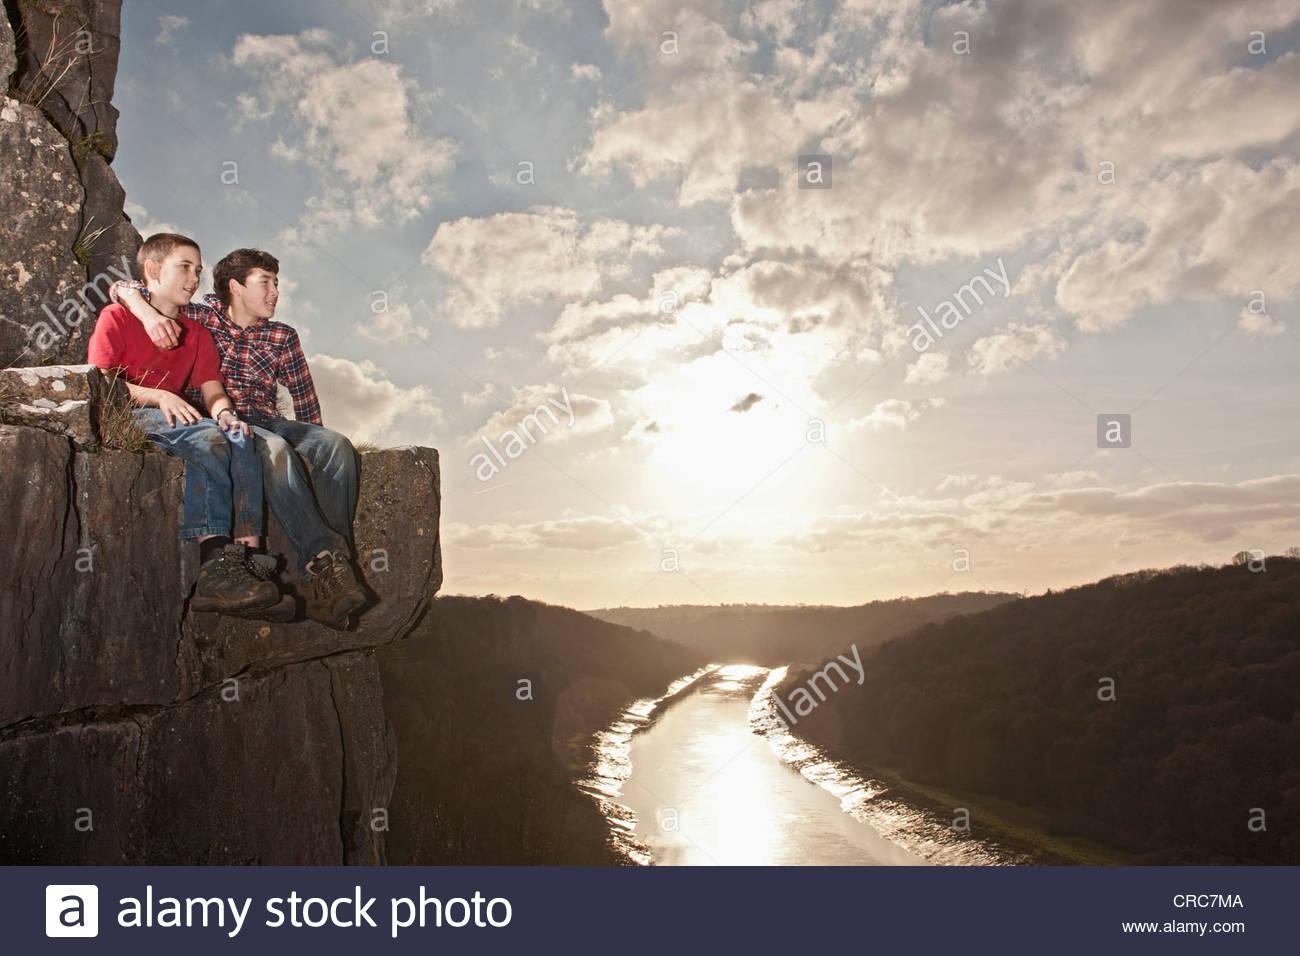 Boys on ledge at Wintour's Leap cliffs - Stock Image